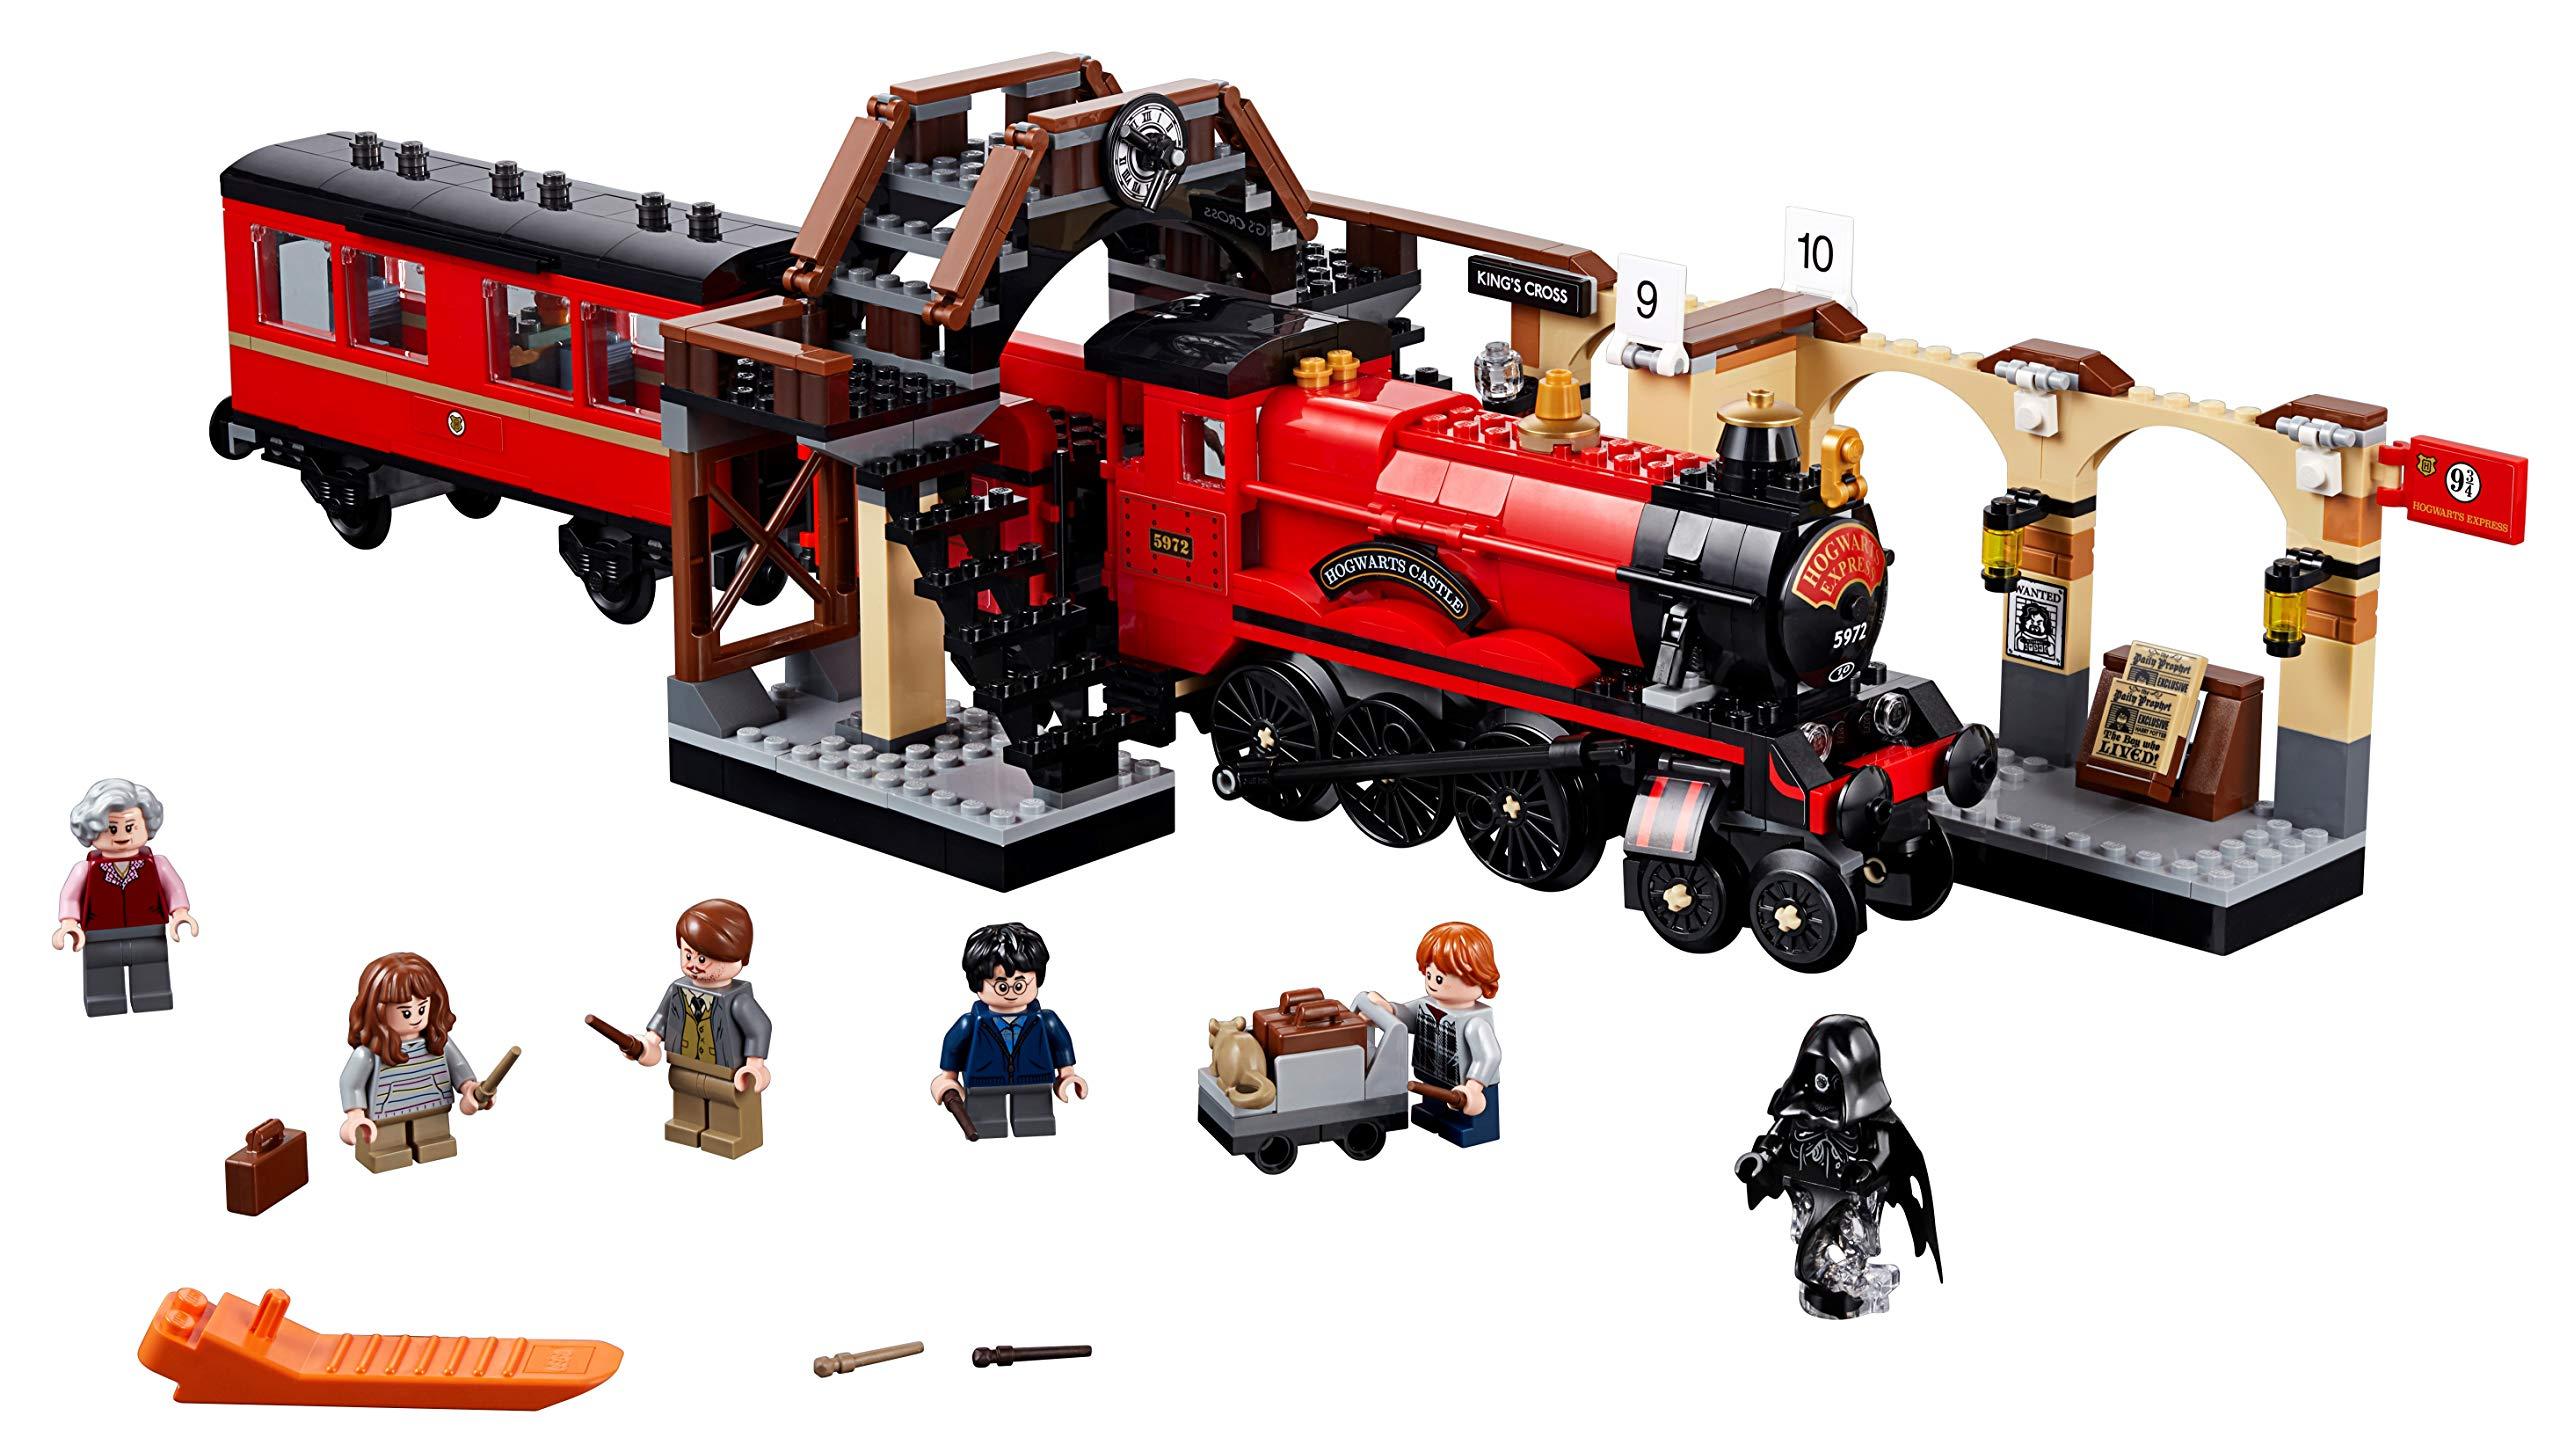 LEGO HarryPotter EspressoperHogwarts, Giocattolo eIdea Regalo per gli Amanti del Mondo della Magia,Set di Costruzione per Ragazzi, 75955 2 spesavip